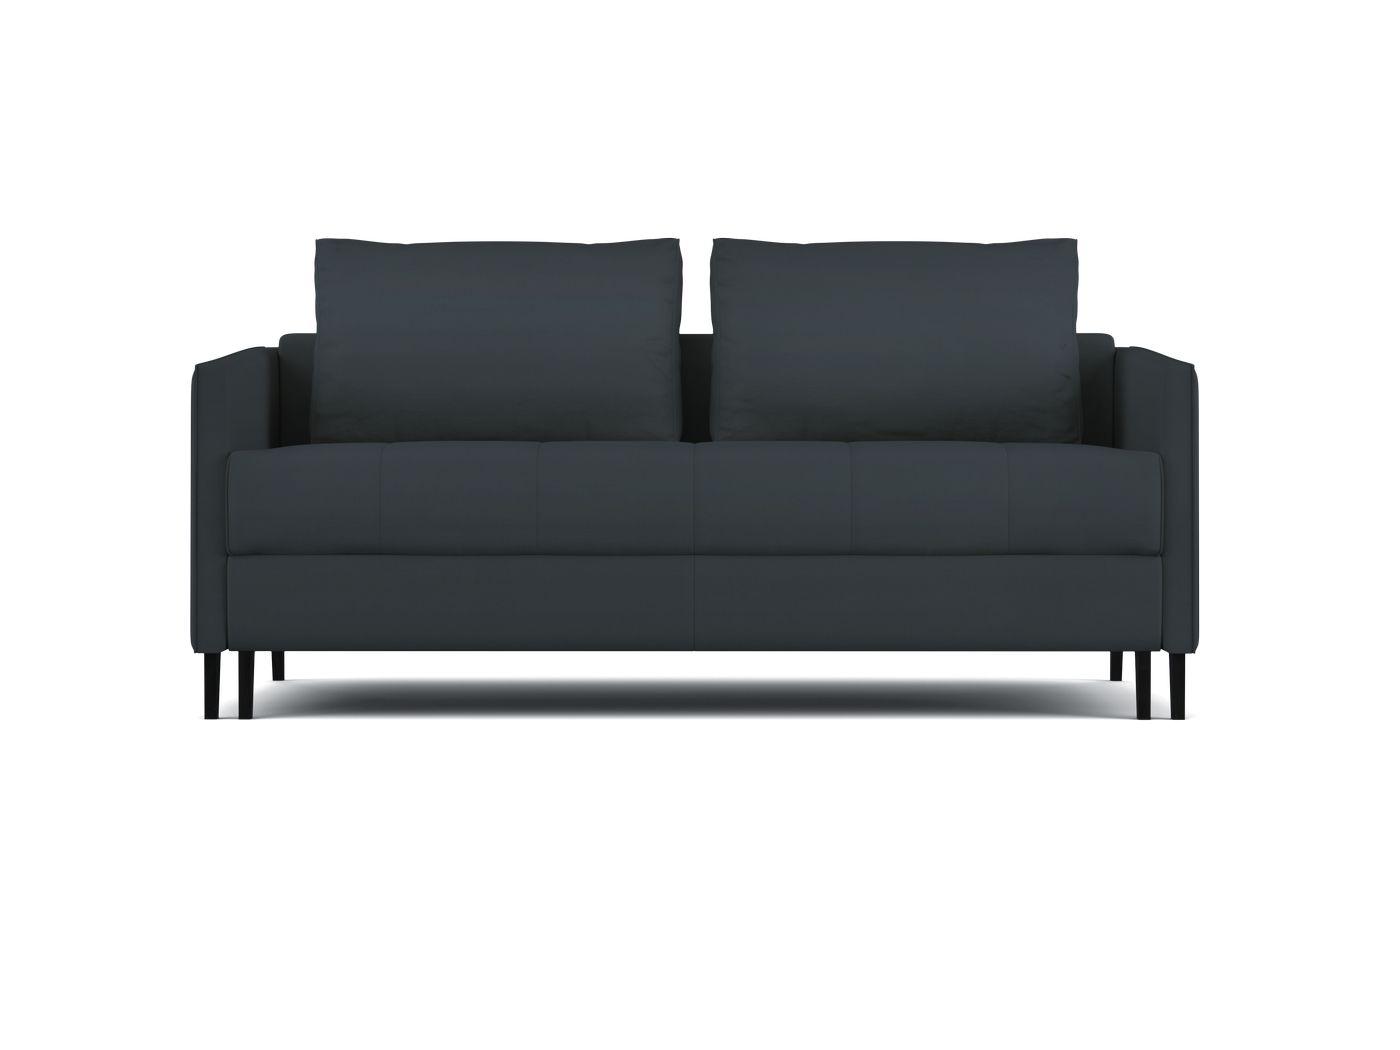 Kare диван-кровать quadro синий 143329/6